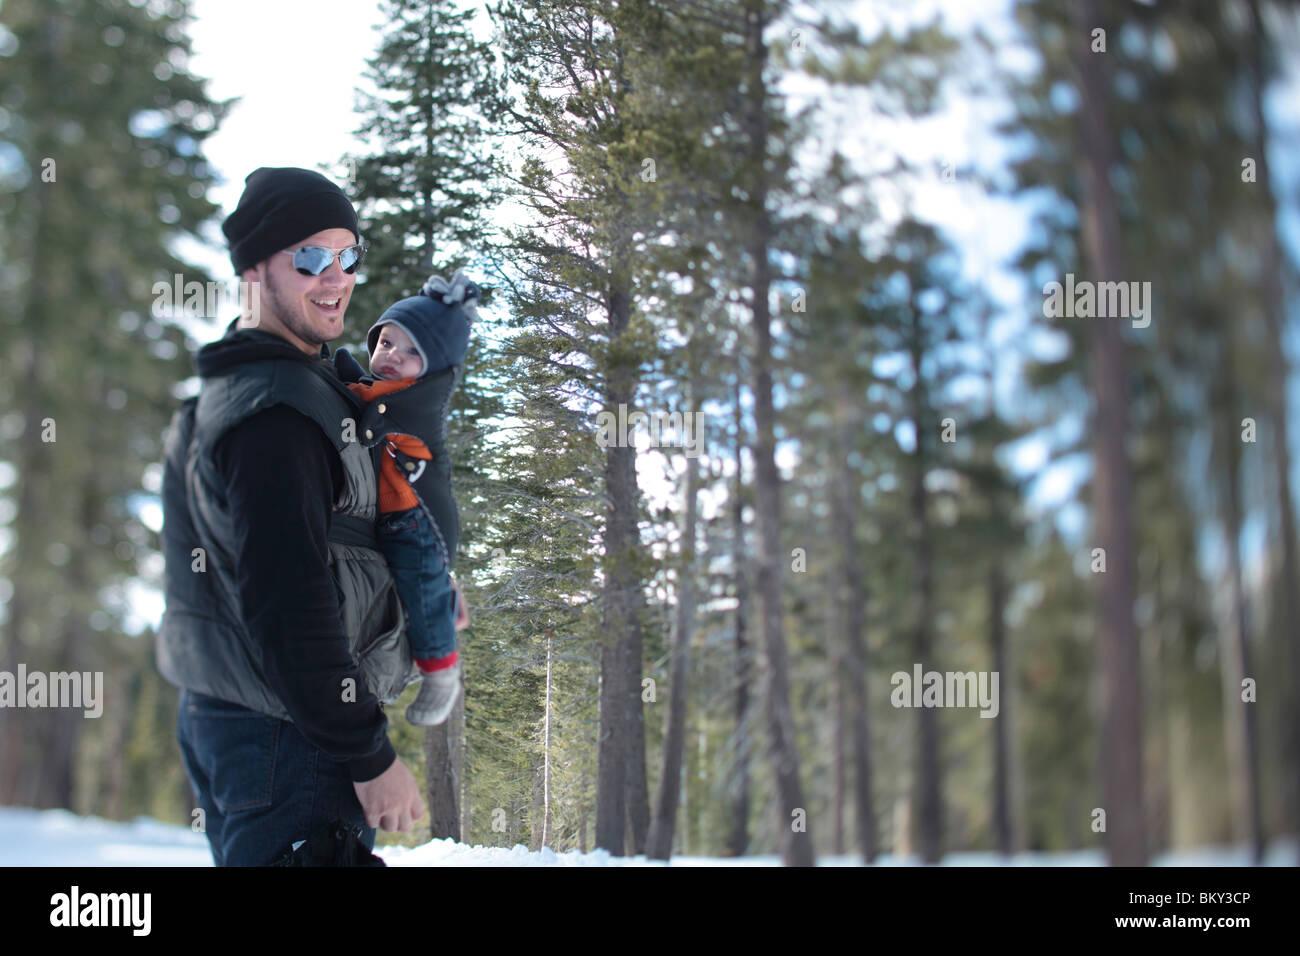 Un père, âgé de 35 ans, marche avec son fils, l'âge de 4 mois, dans le désert couvert de neige du lac Tahoe, Calfornia. Banque D'Images